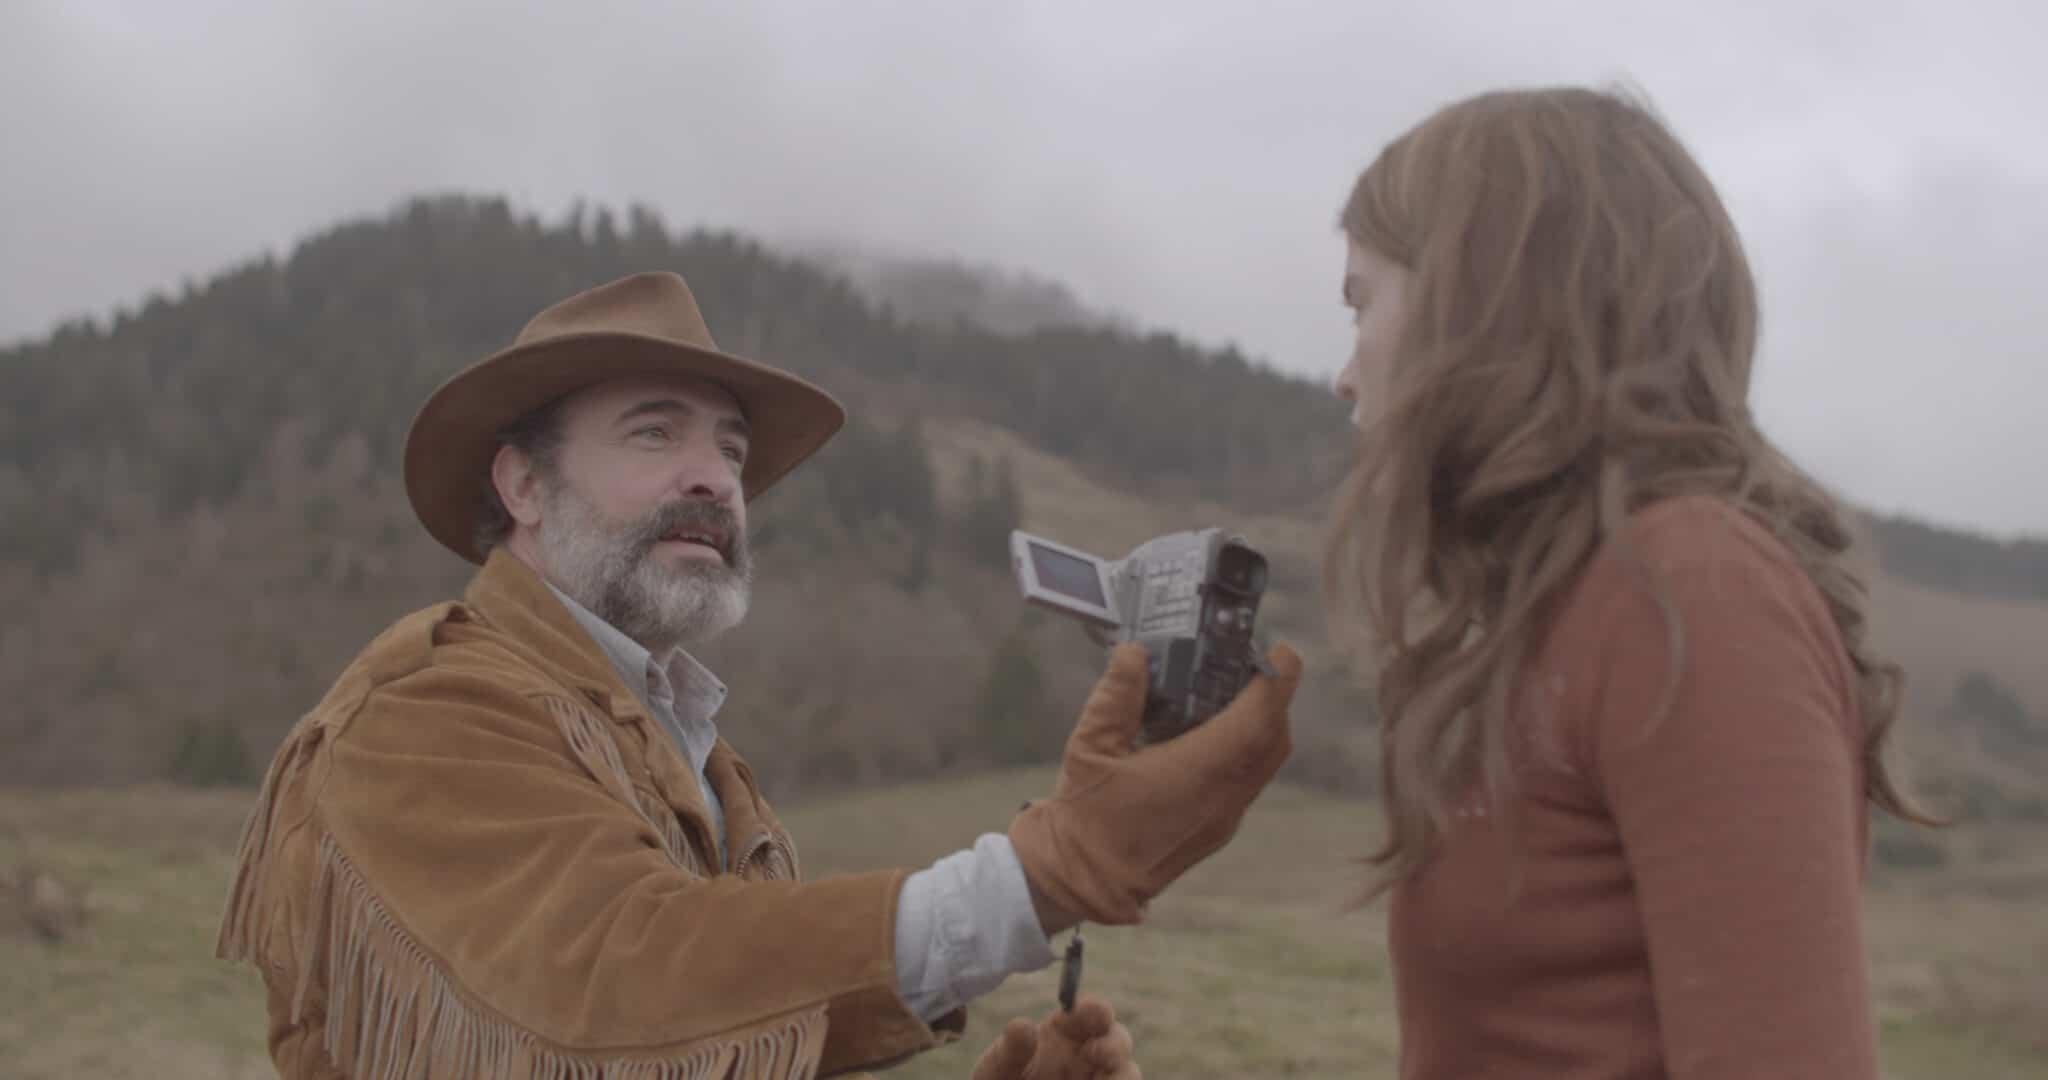 In Monsieur Killerstyle fordert Georges (Jean Dujardin) Denise (Adèle Haenel) auf, ihn zu filmen. Er ist inzwischen in voller Wildledermontur, bestehend aus Jacke, Hut, Handschuhen, Hose und Stiefeln. Denise sieht etwas verwirrt aus. Im Hintergrund ist eine vernebelte Hügellandschaft zu sehen.